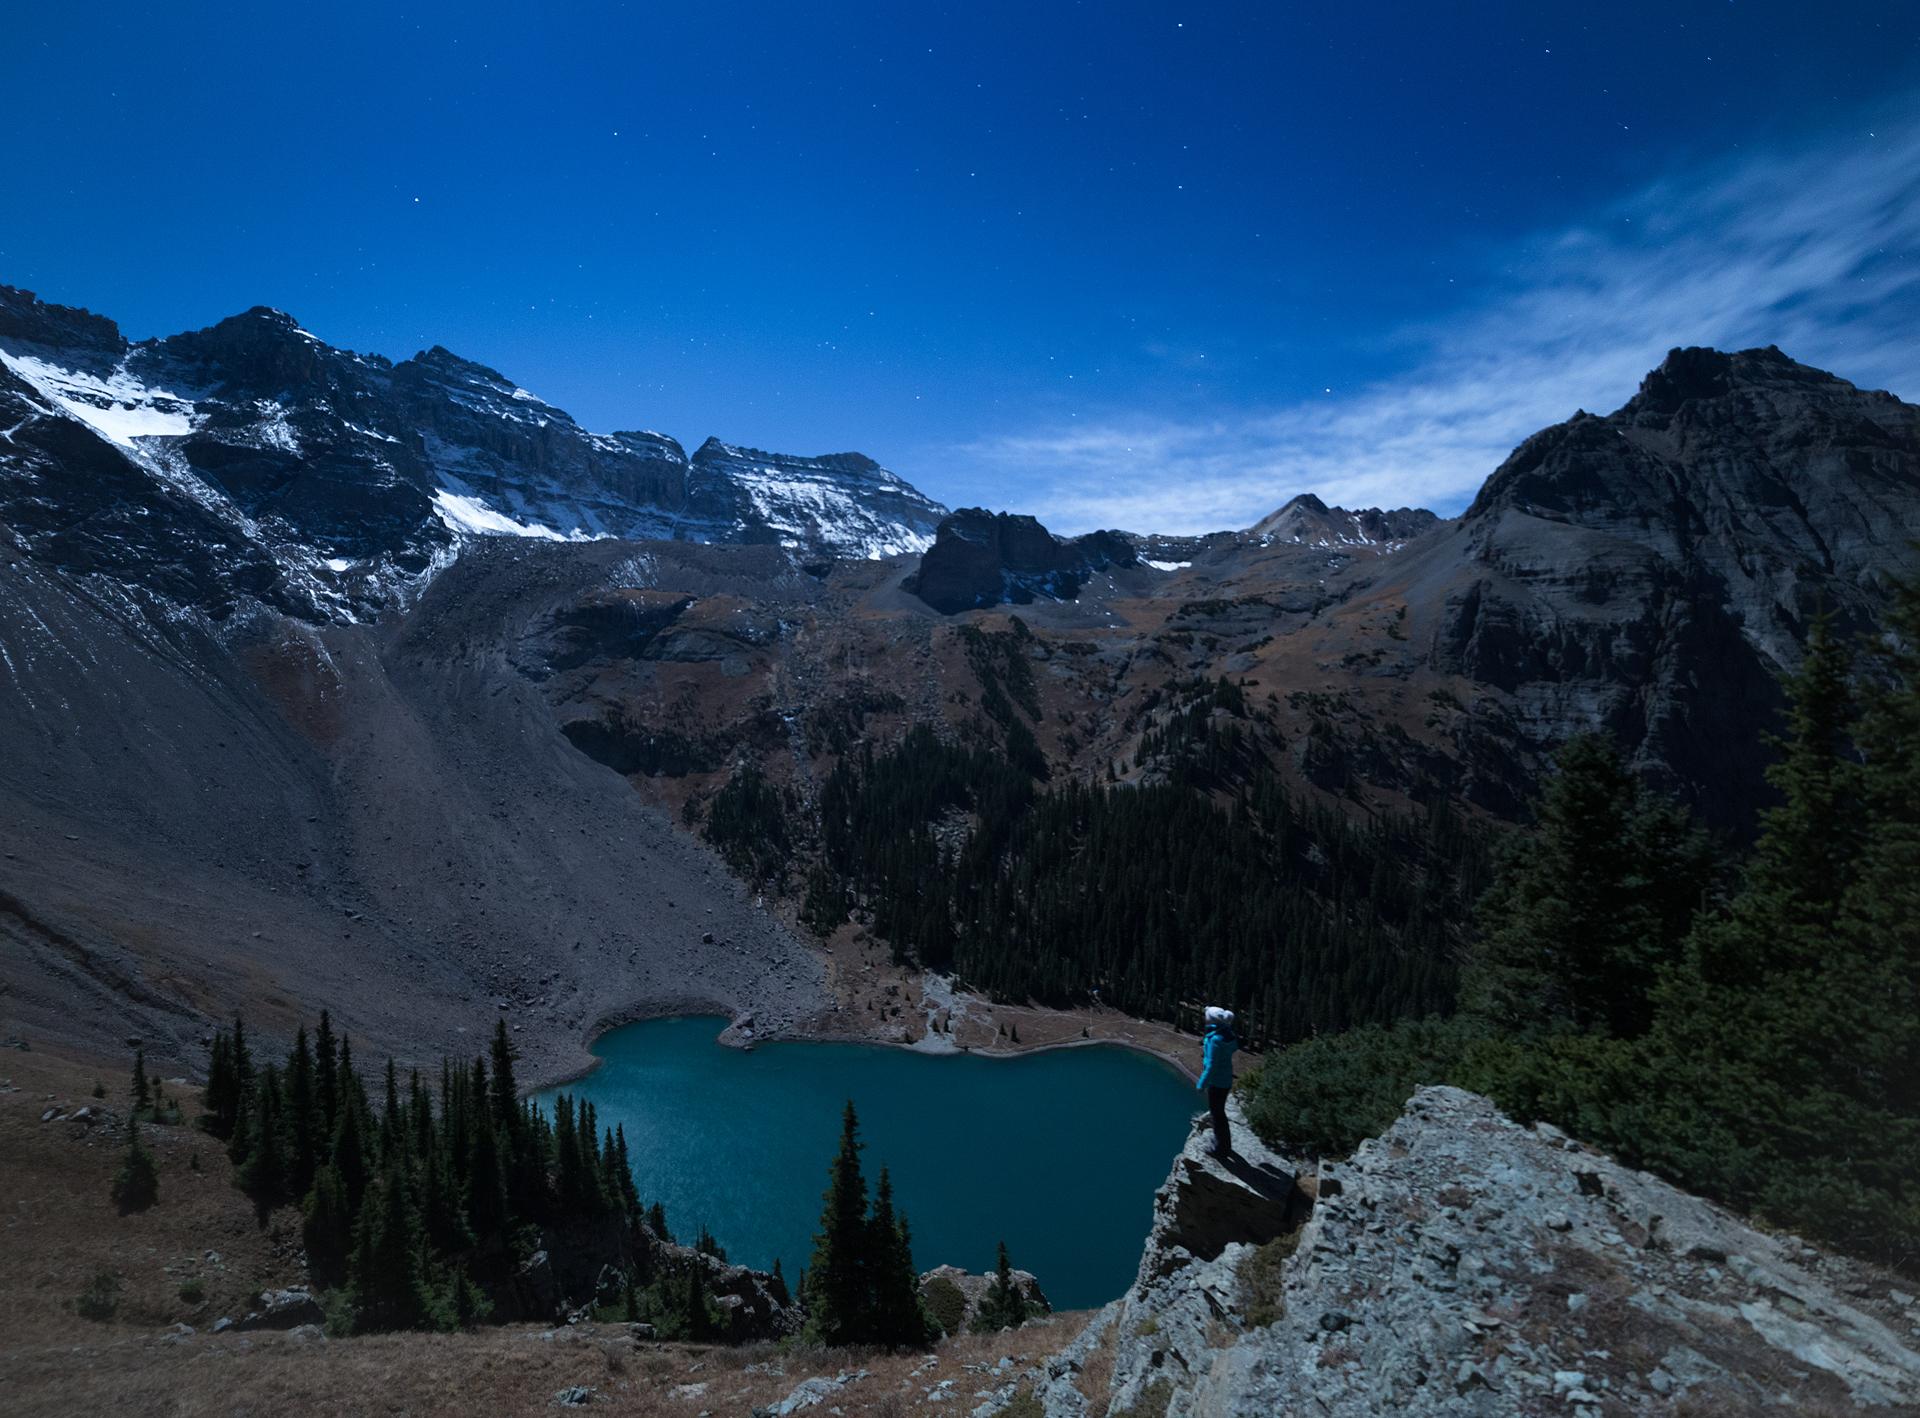 """f/4, ISO 1250, 8"""", Overlooking Lower Blue Lake, Mt. Sneffels Wilderness, 10/14/16, 2:00am."""